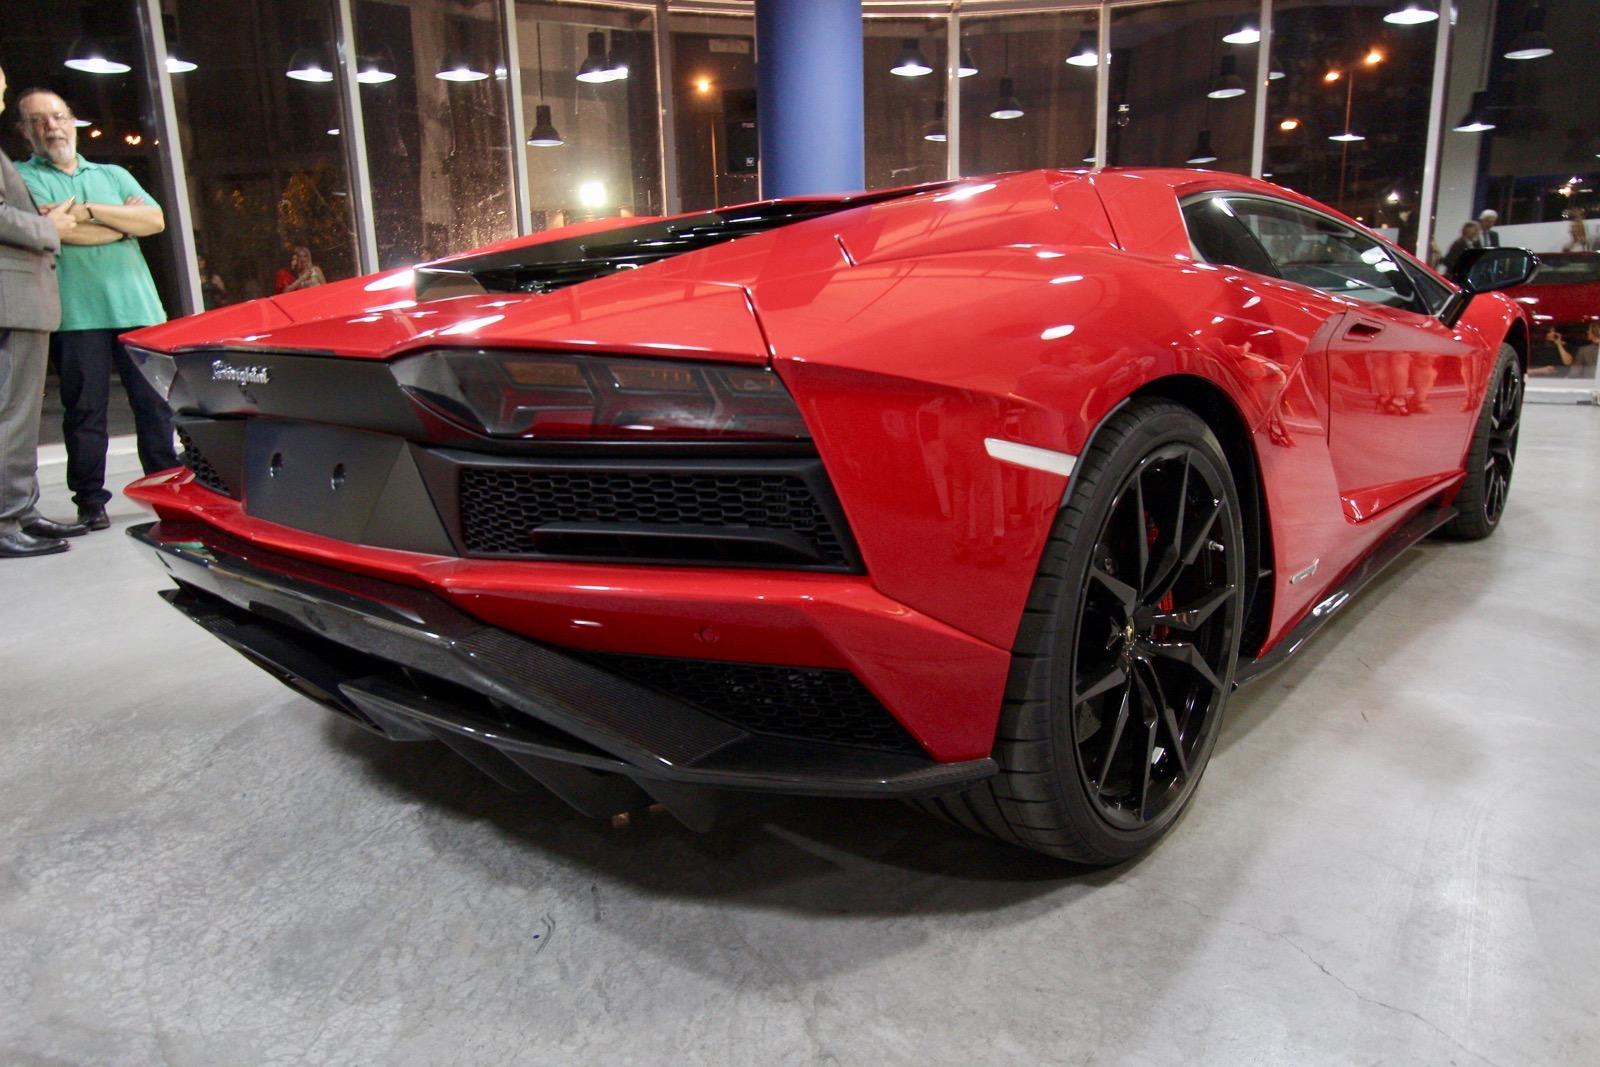 Lamborghini_Aventador_S_in_Greece_03